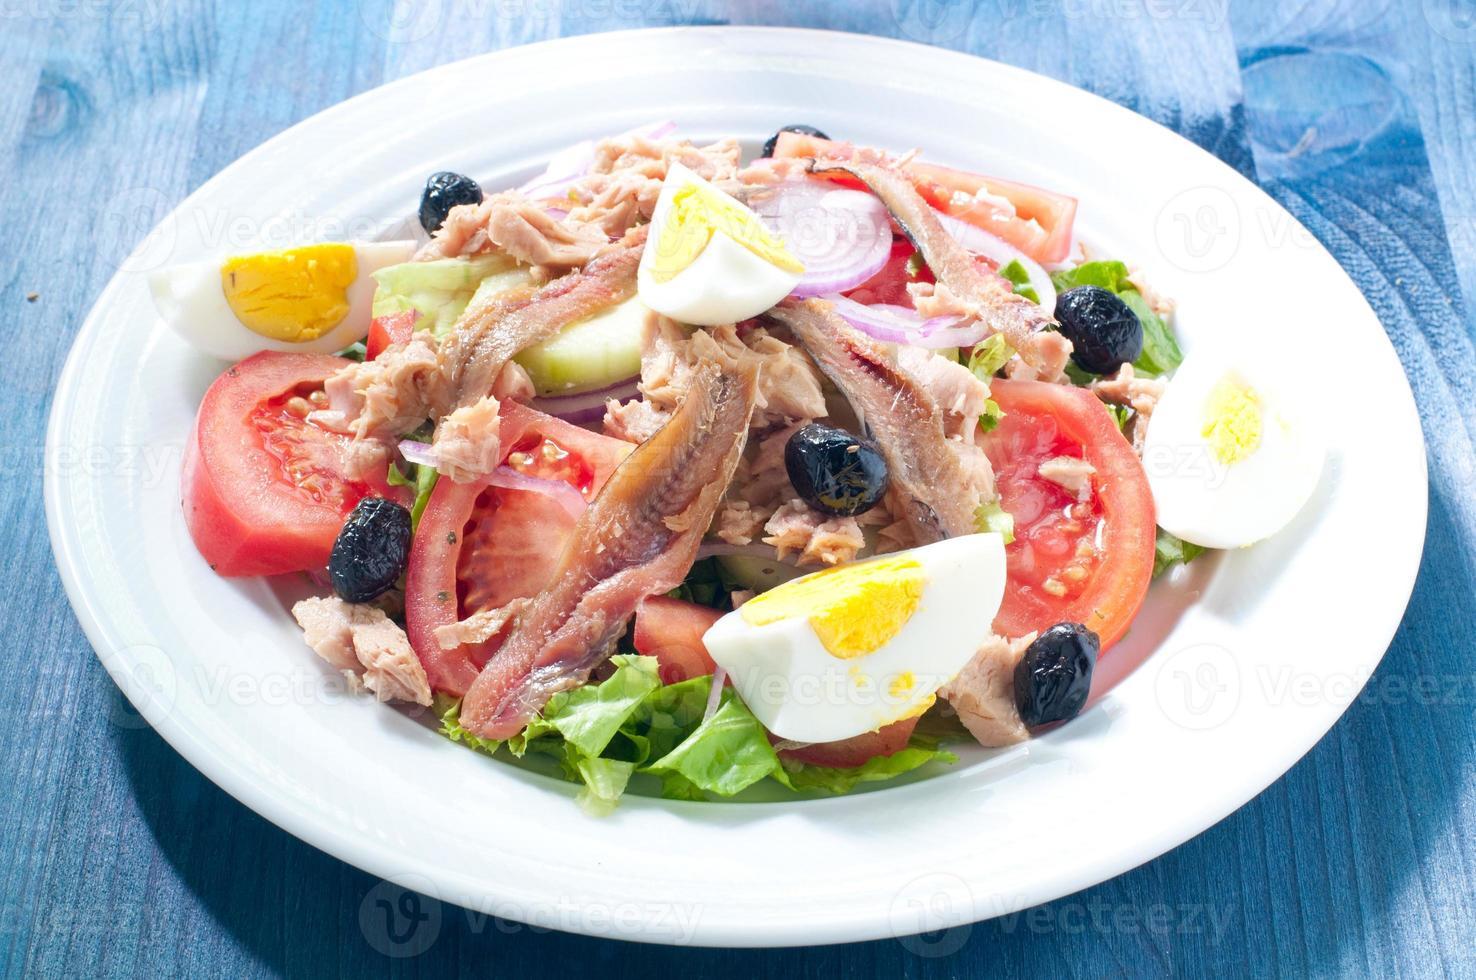 salade van nicoise met ei, ansjovis, uien, sla en tonijn foto